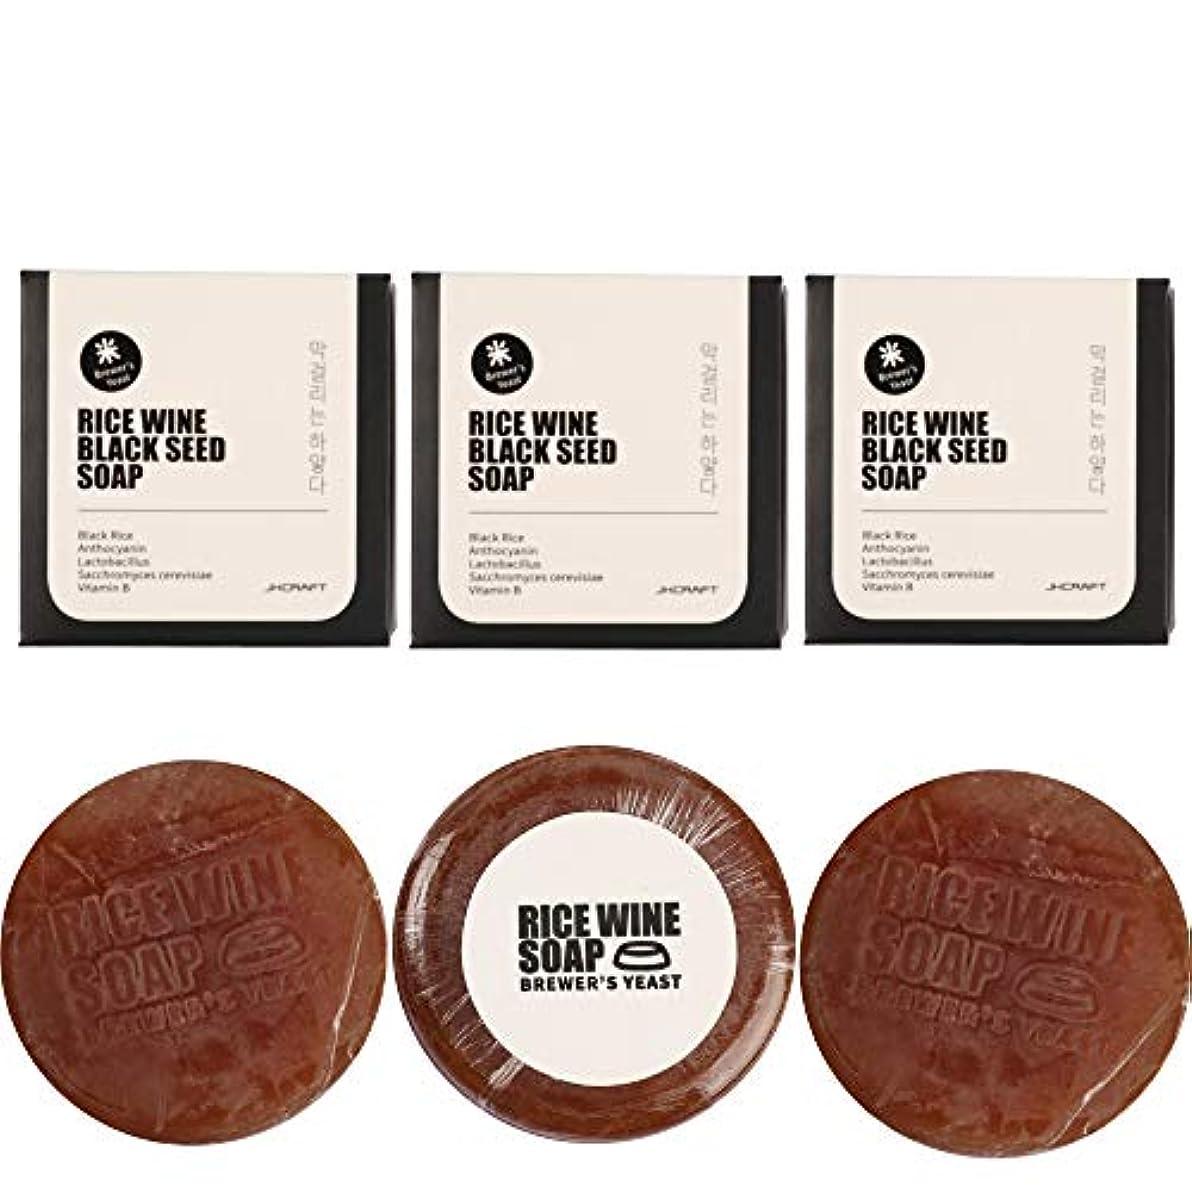 週間孤児温室JKCRAFT RICEWINE BLACK SEED SOAP 黒米マッコリ酵母石鹸,無添加,無刺激,天然洗顔石鹸 3pcs [並行輸入品]